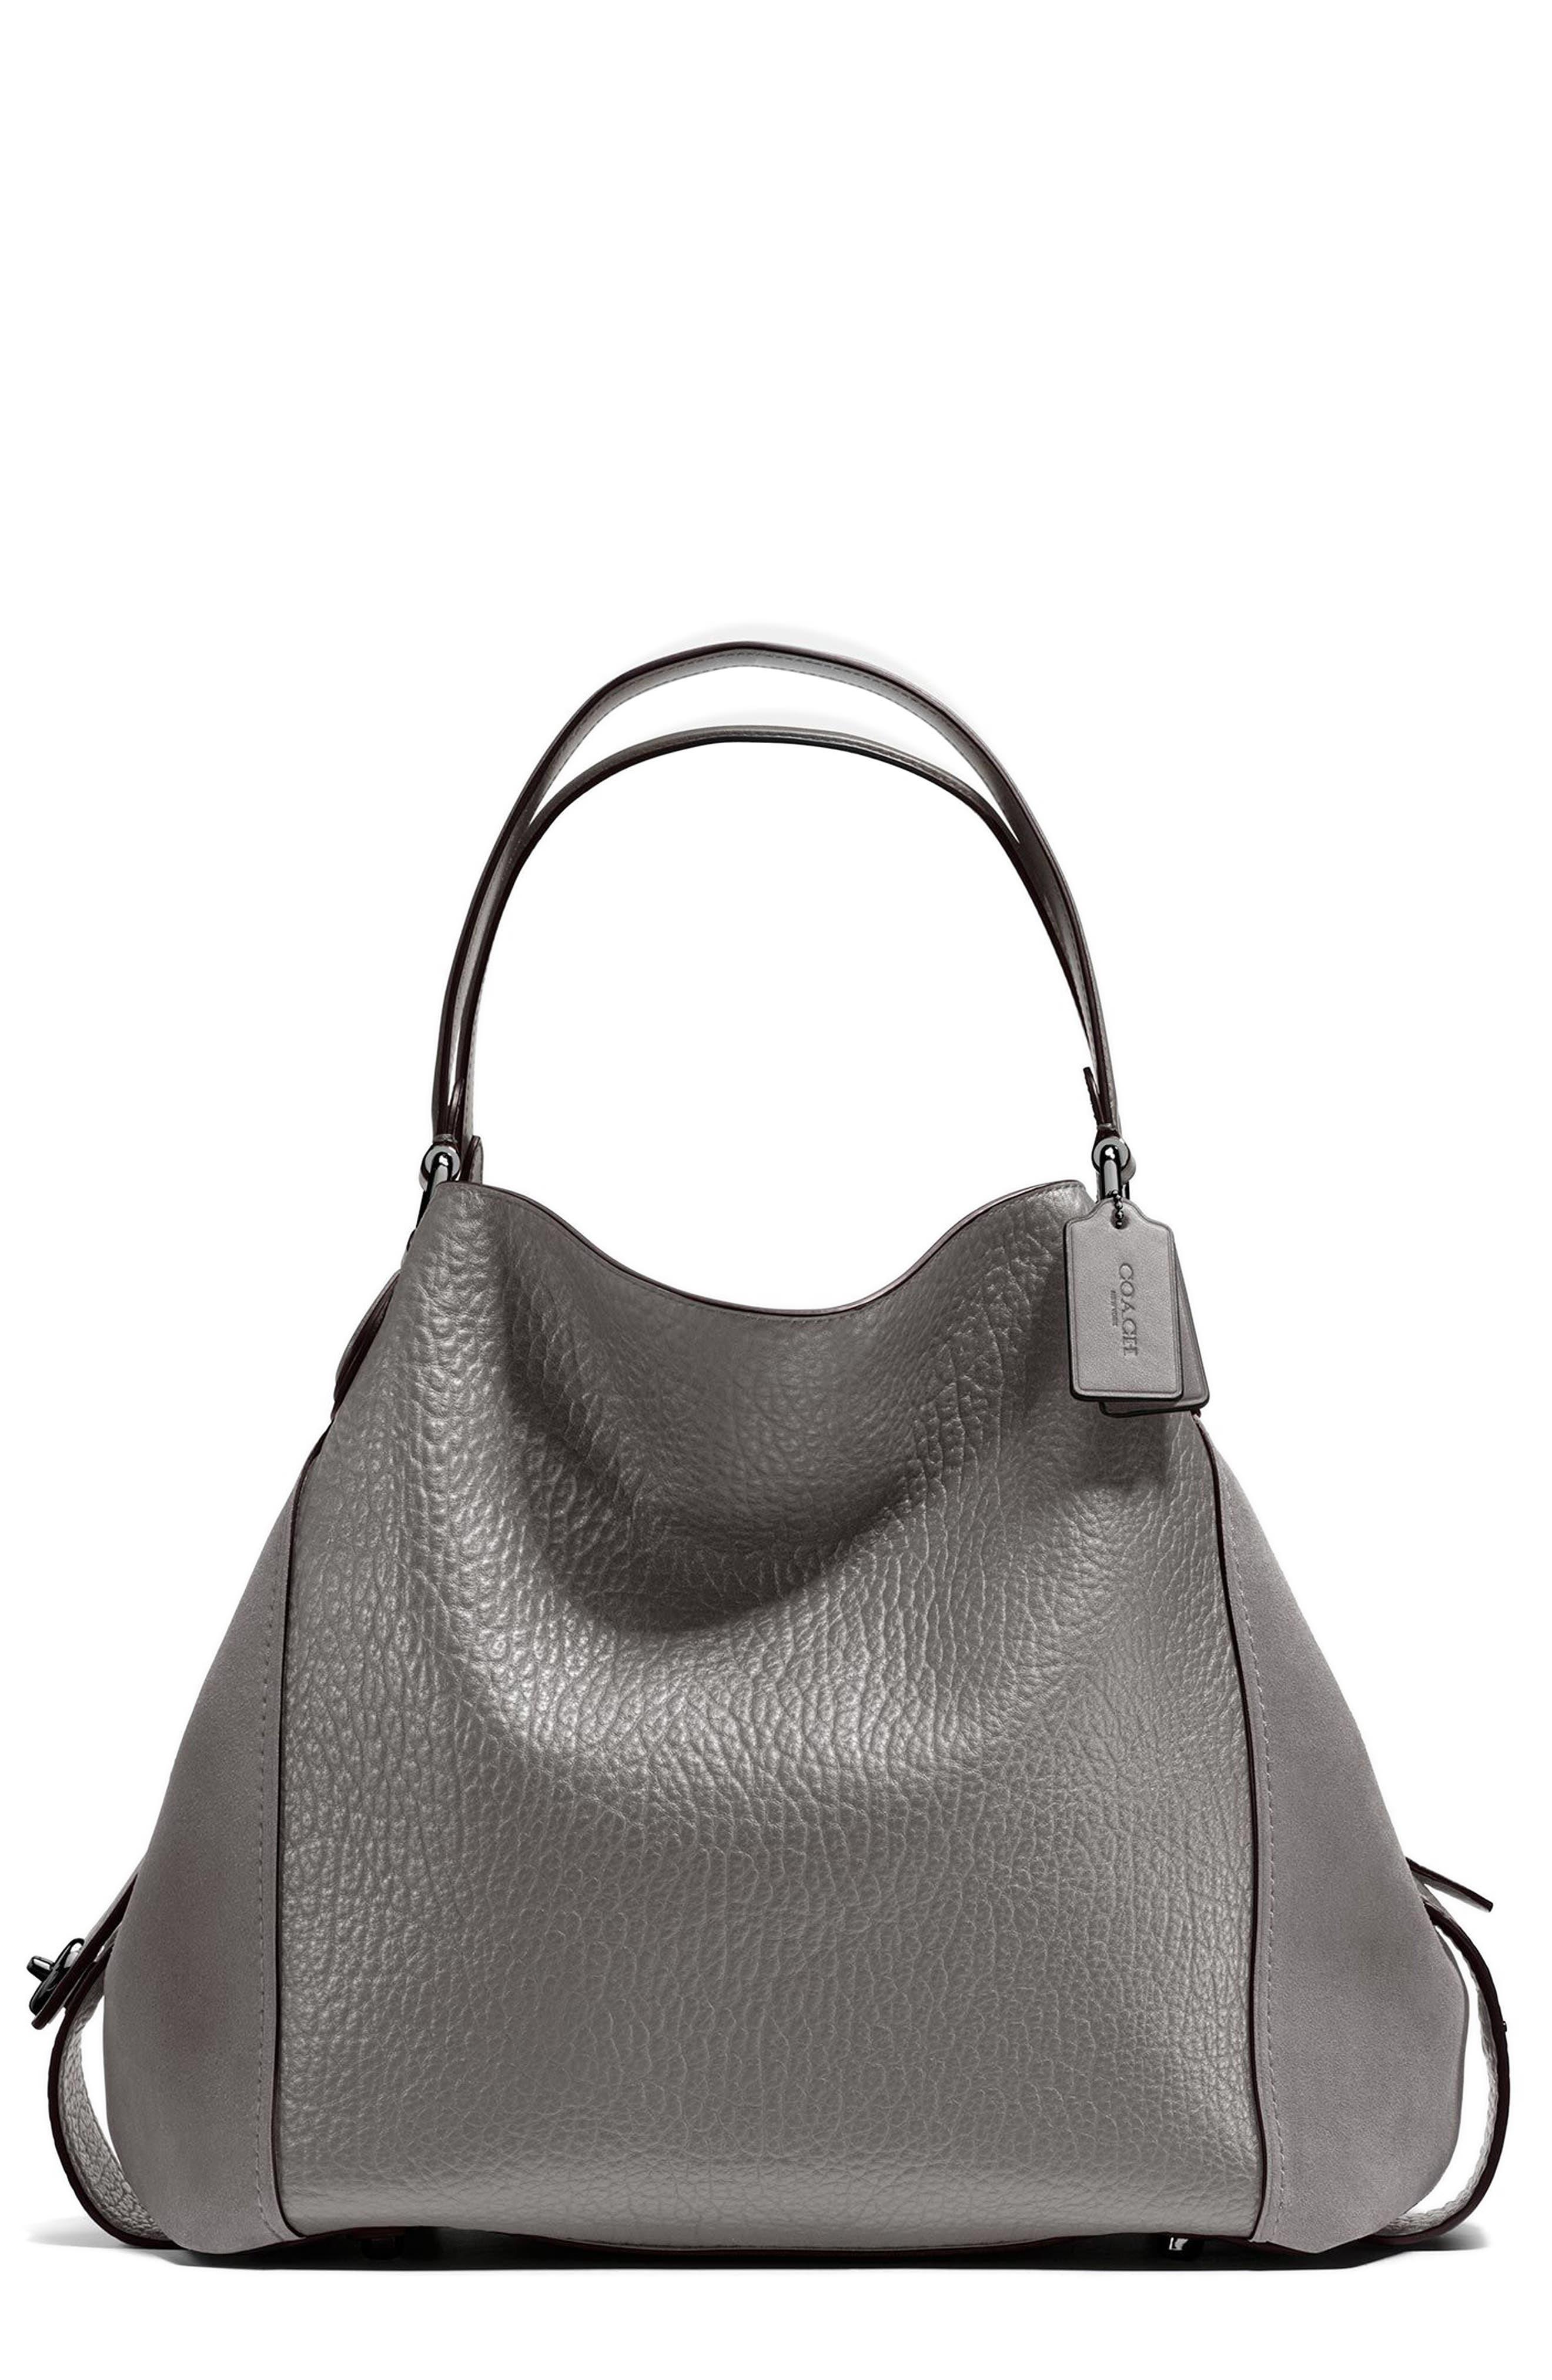 Edie 42 Leather & Suede Shoulder Bag,                         Main,                         color, Heather Grey